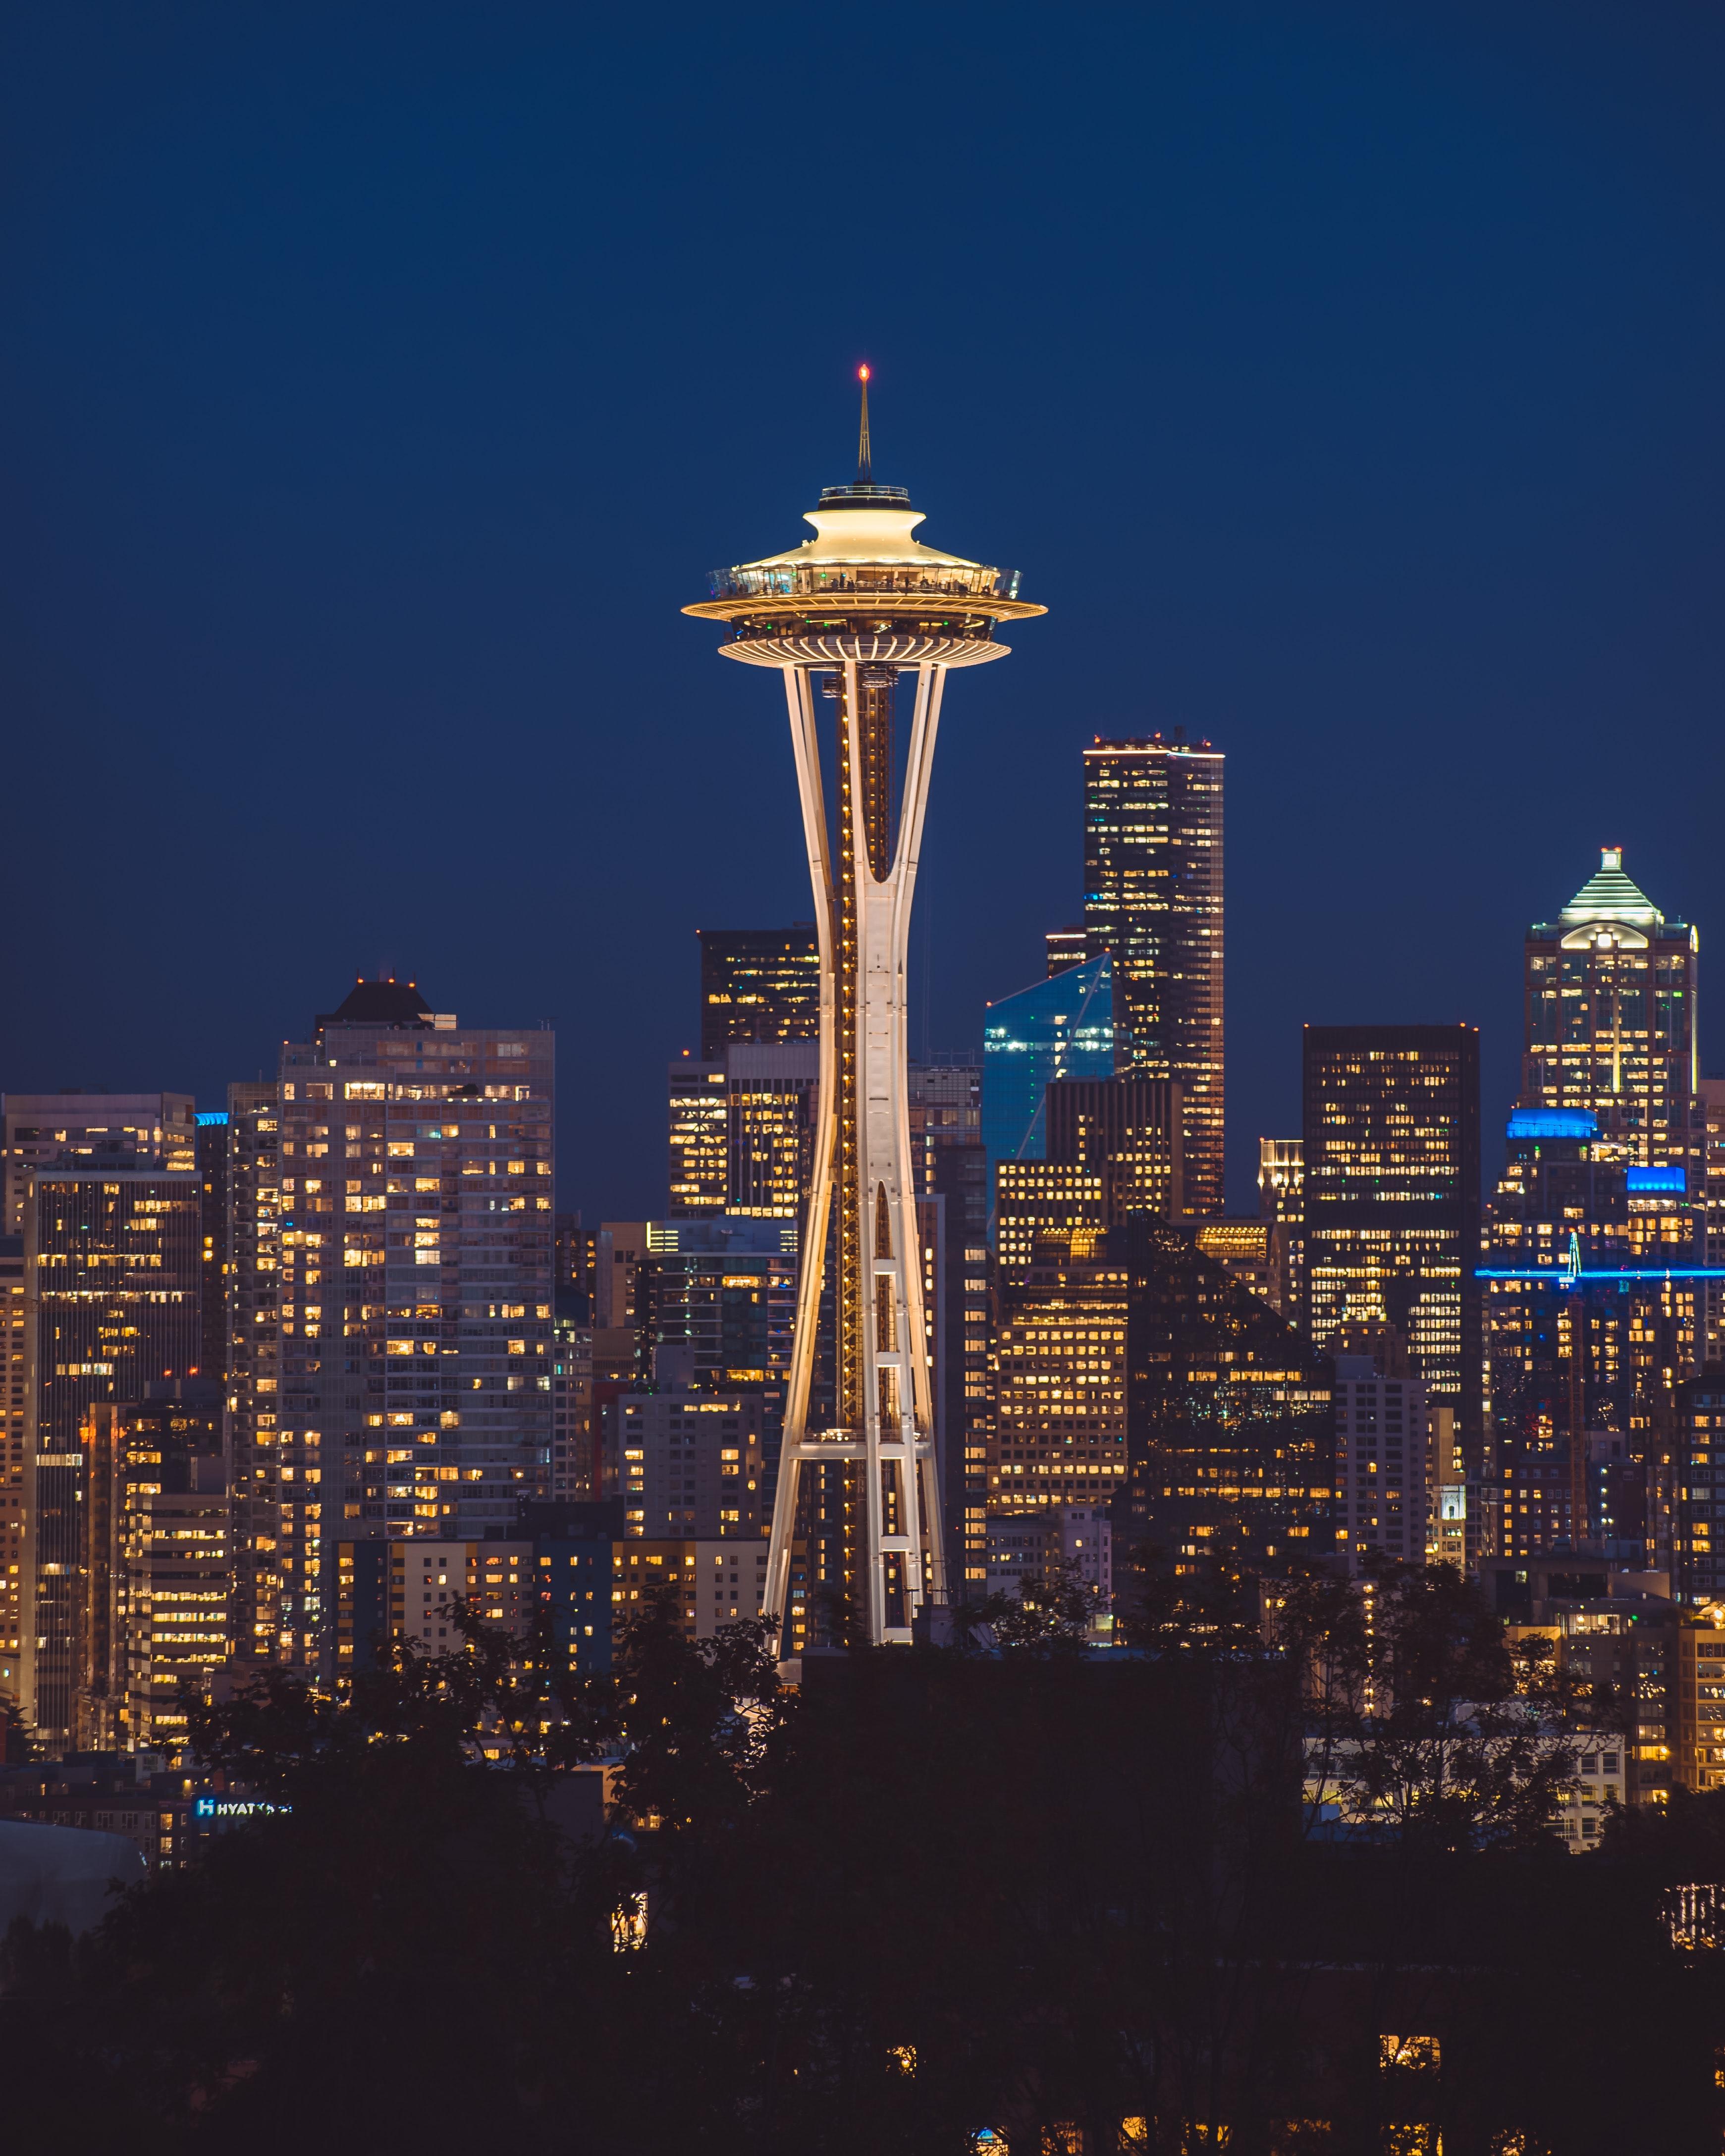 90505 скачать обои Здания, Башня, Небоскребы, Ночной Город, Сиэтл, Сша, Архитектура, Города - заставки и картинки бесплатно